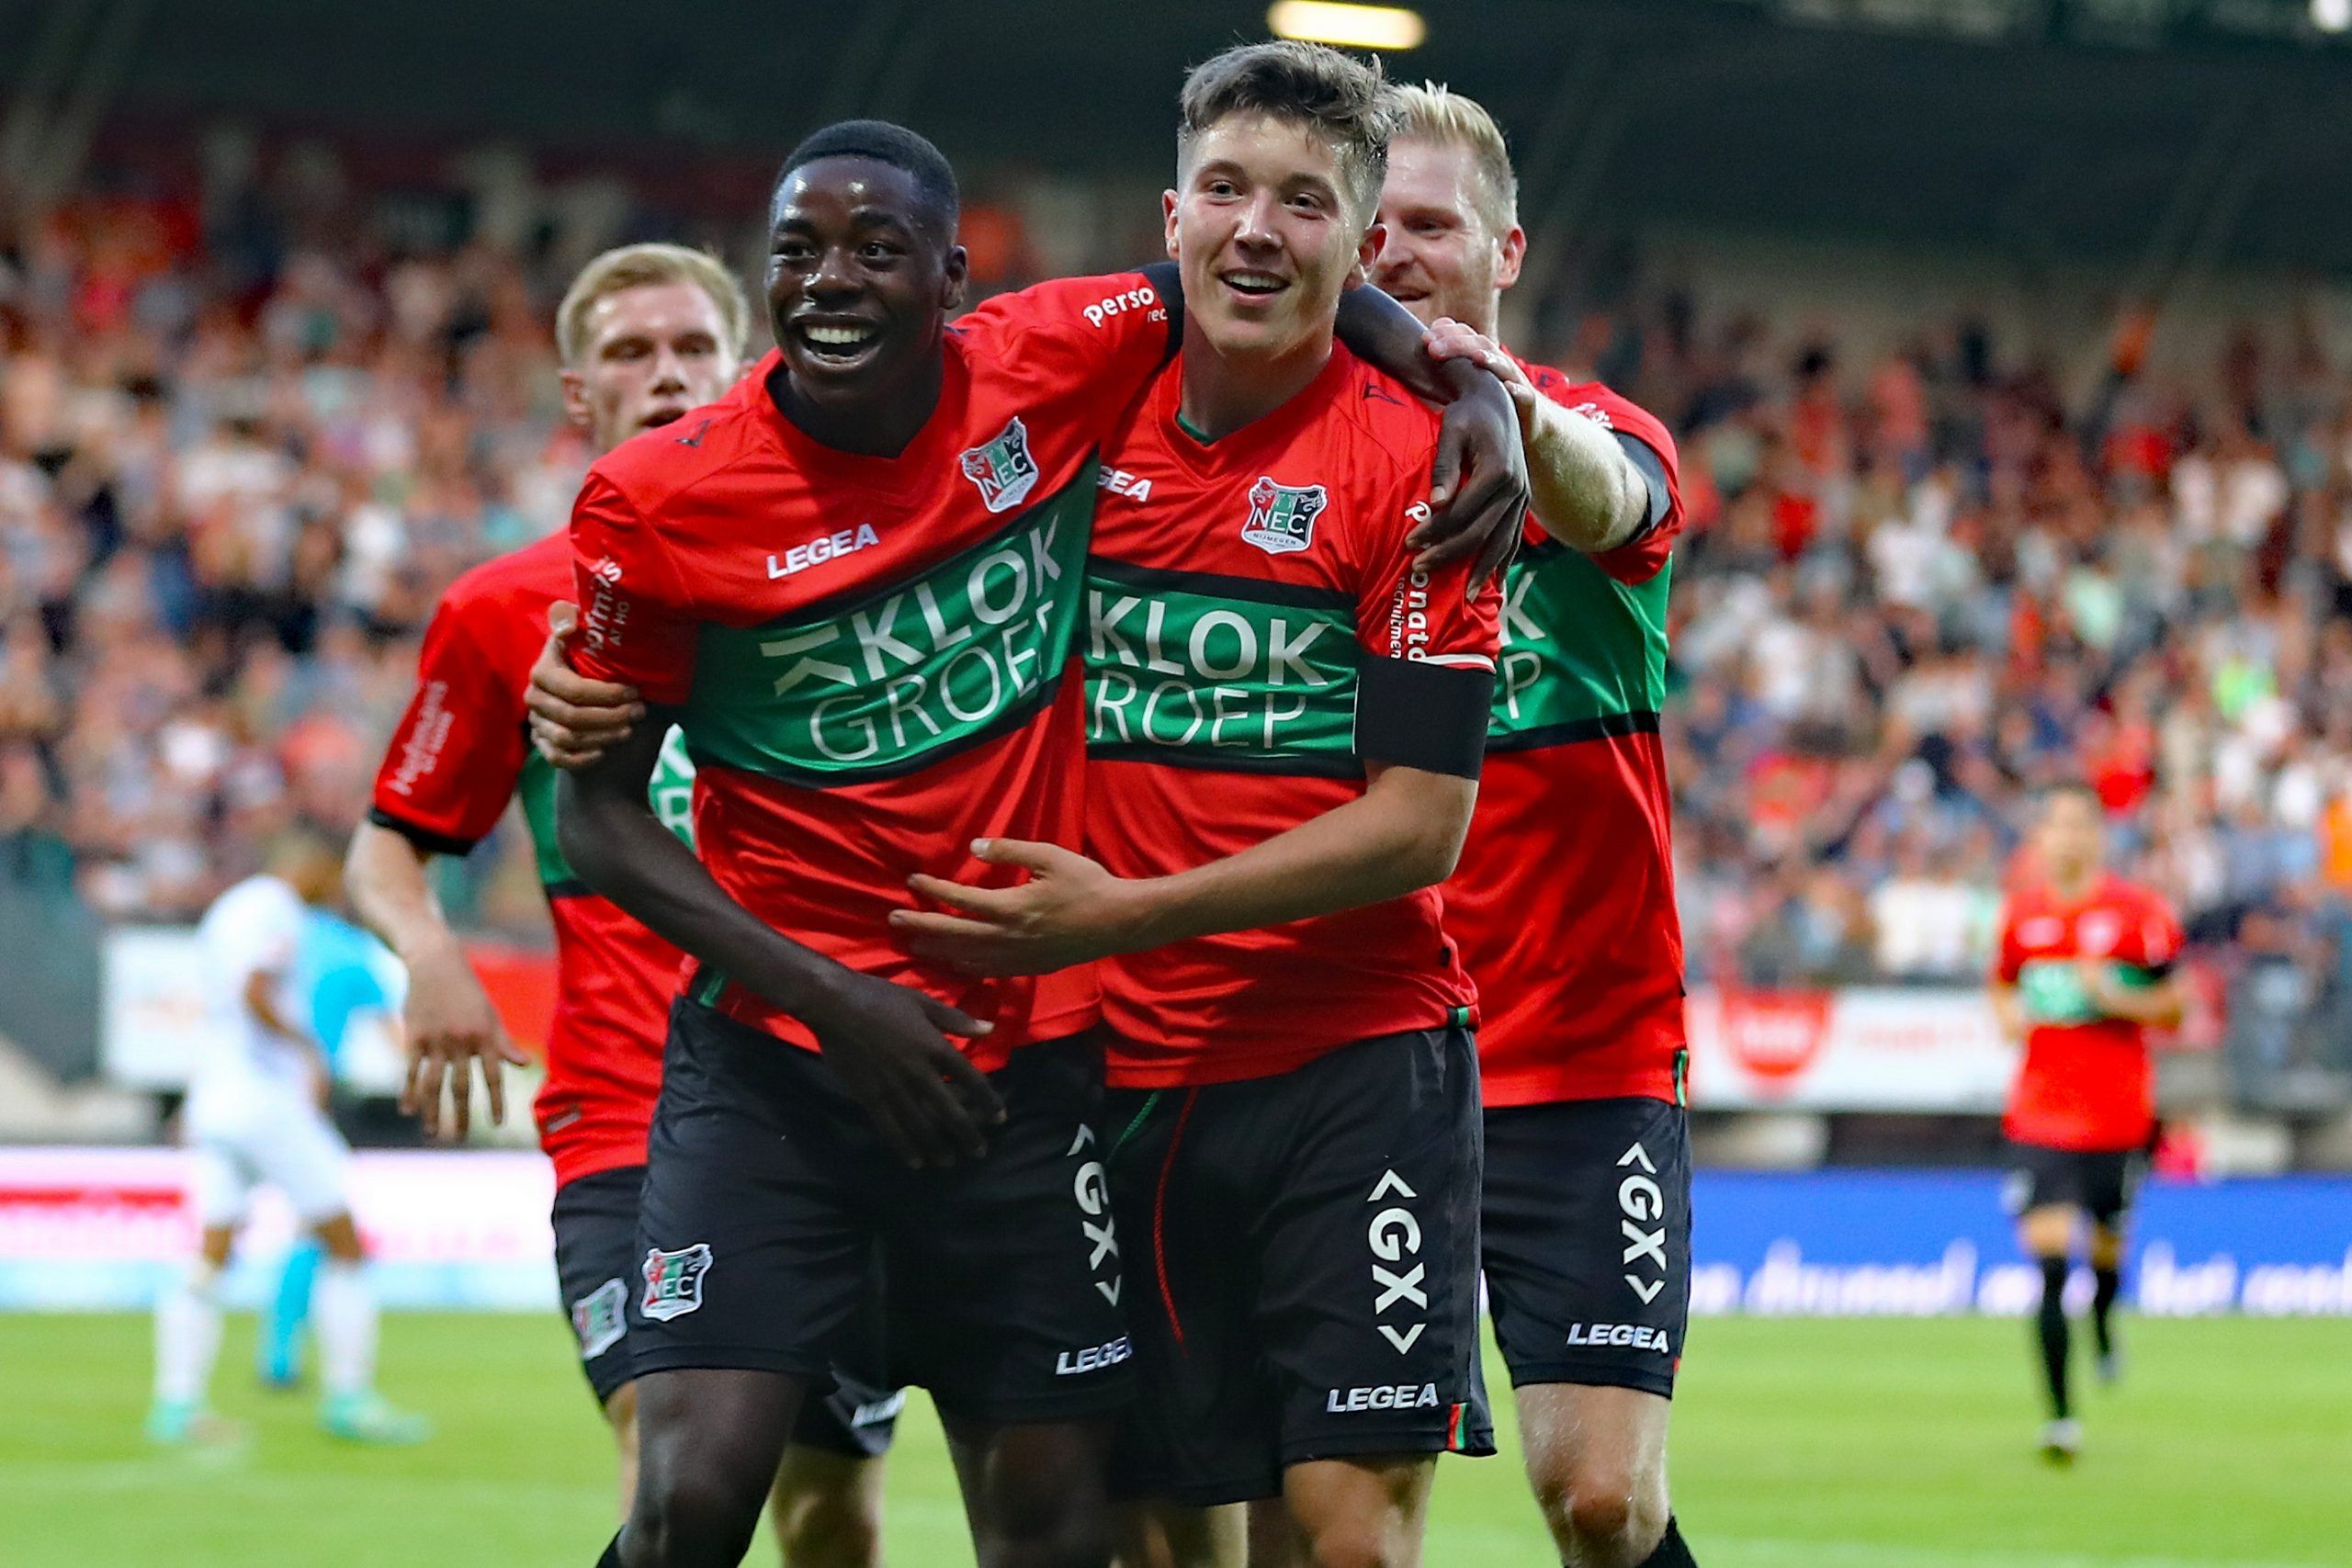 Voorbeschouwing: NEC tegen De Graafschap in kleine Gelderse derby